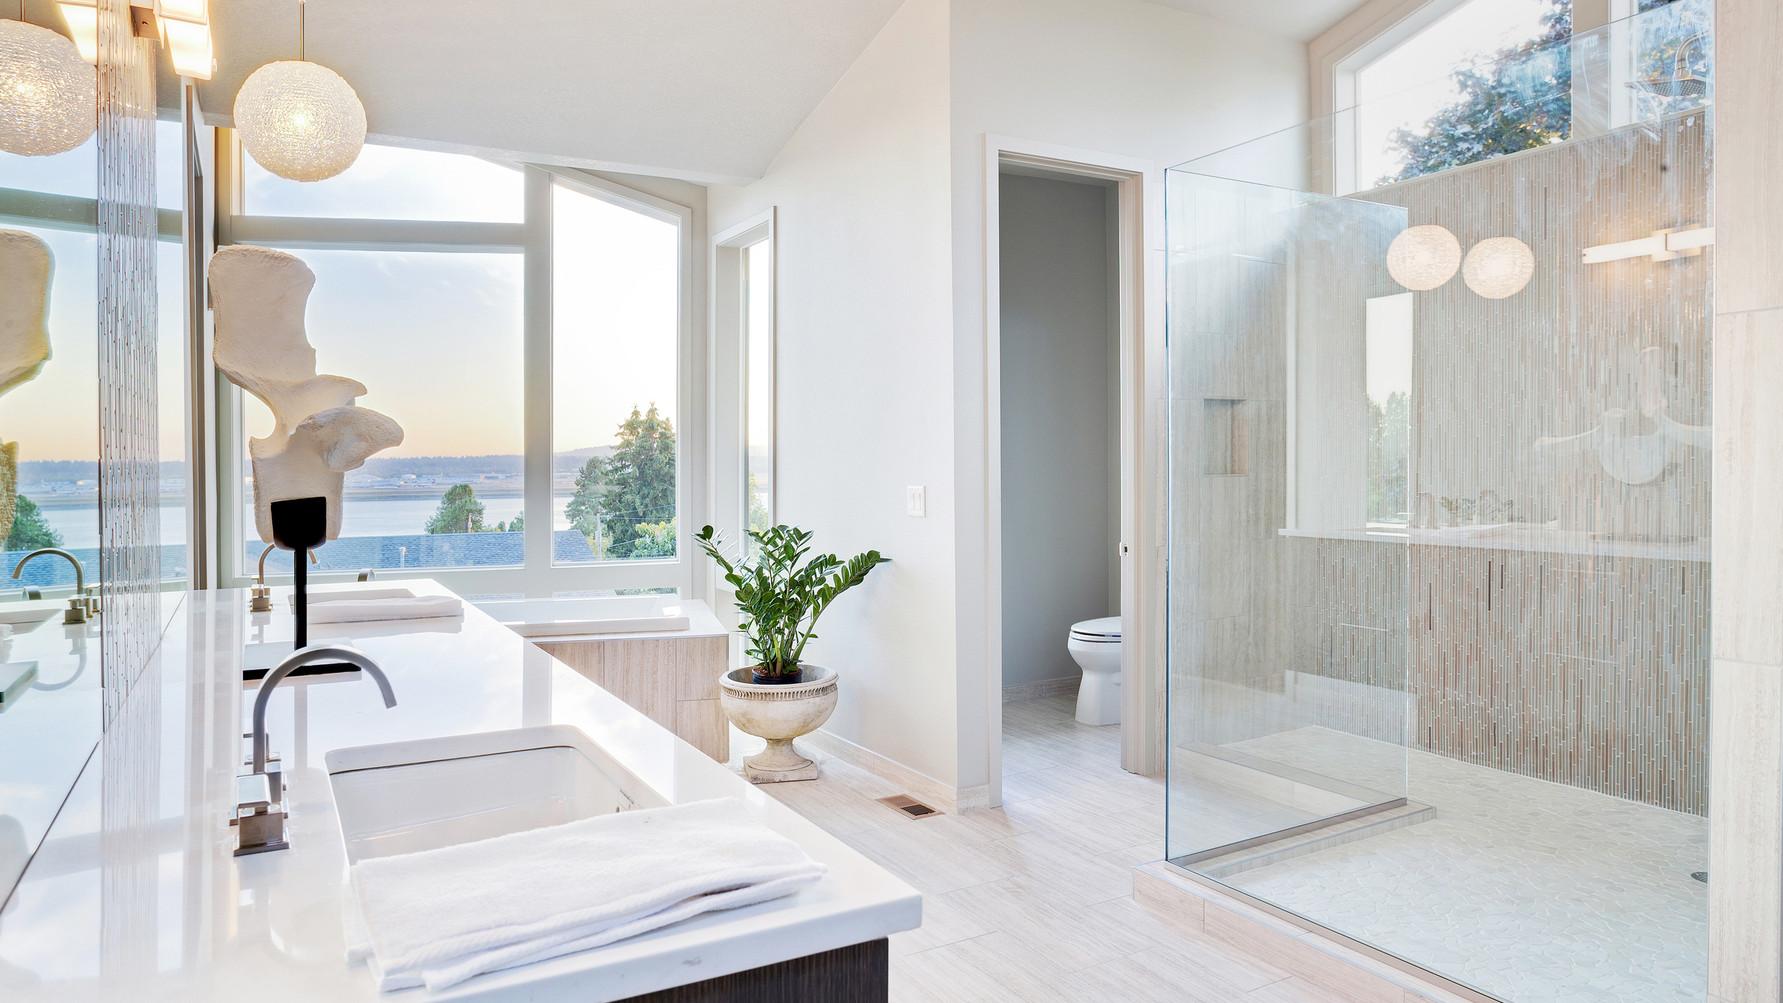 luxury-bathroom-27239366.jpg